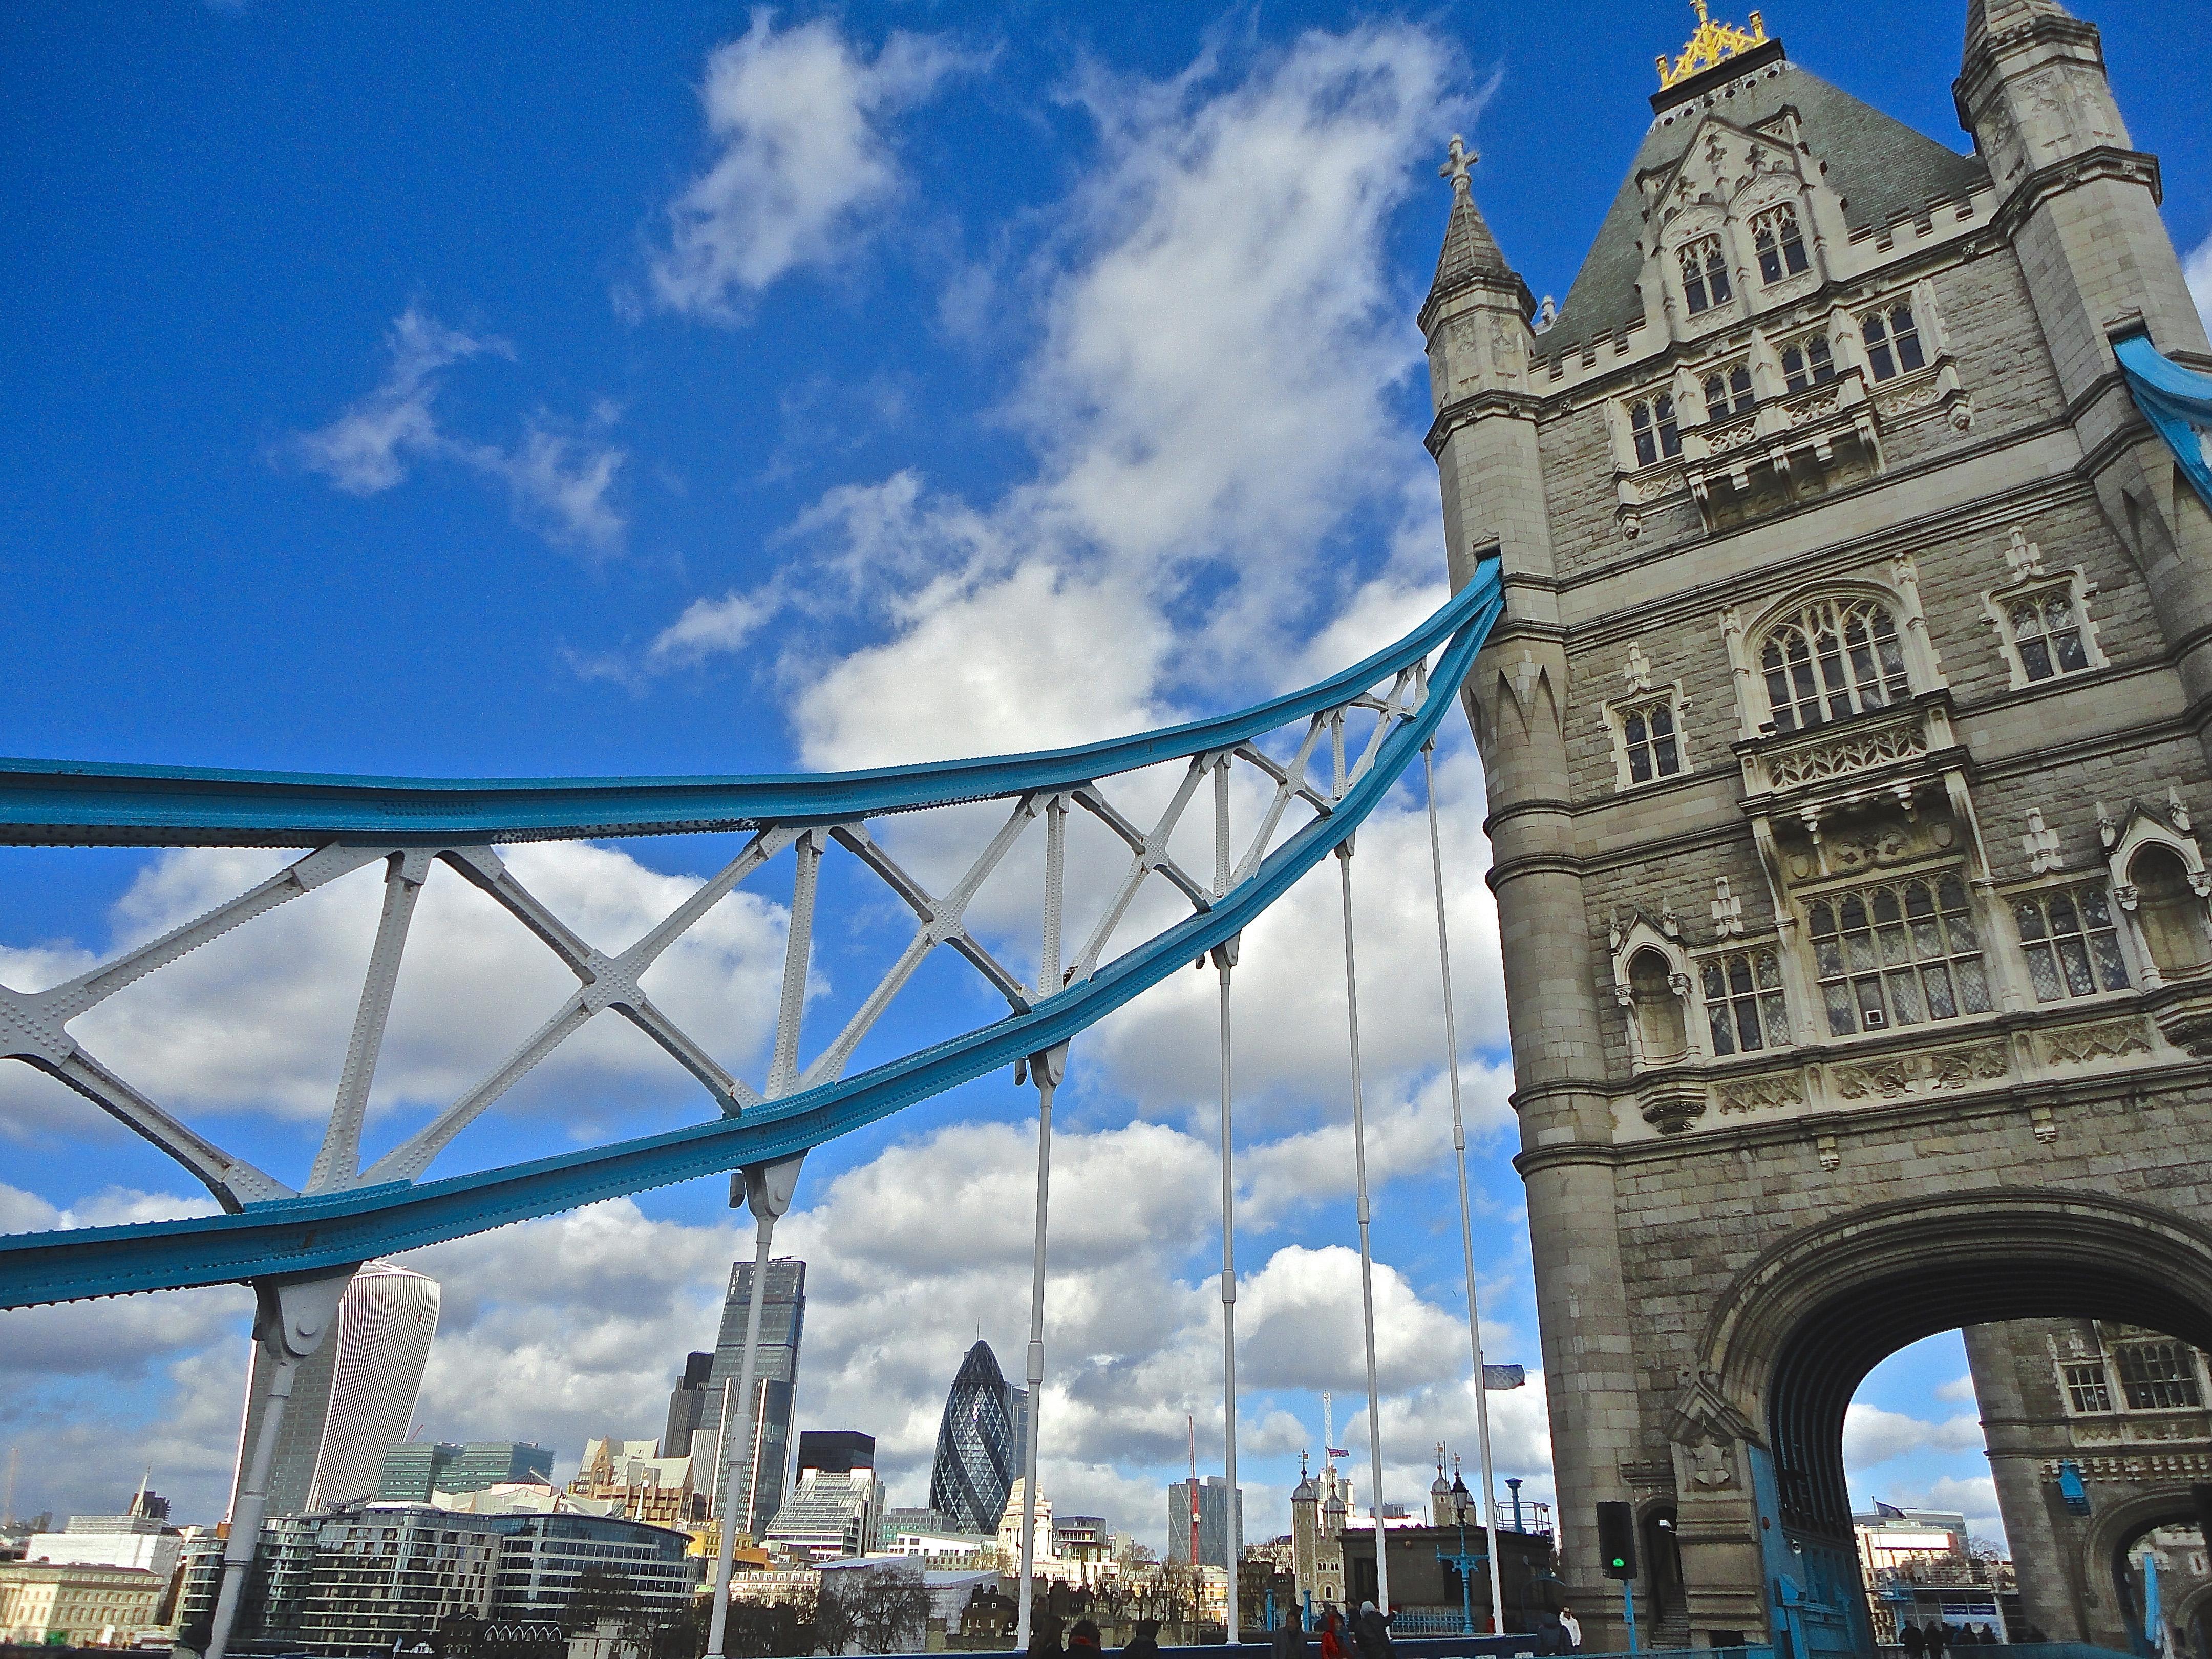 hình ảnh : phong cảnh, Kiến trúc, cầu, Cảnh quan thành phố, công viên giải trí, Tháp, Mốc, Du lịch, London 4320x3240